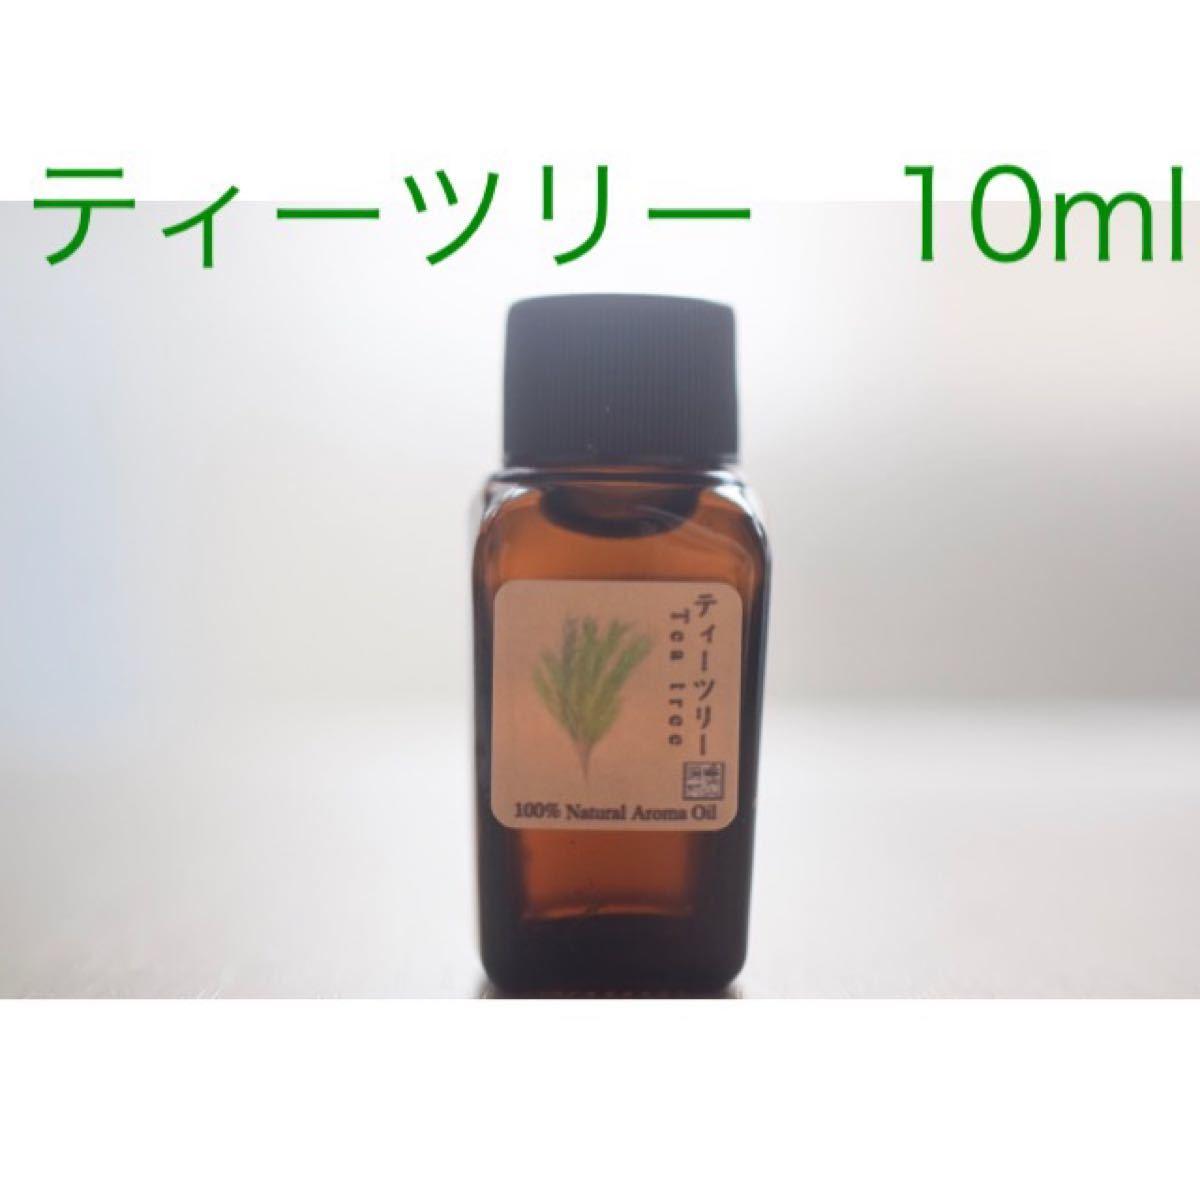 ティーツリー 10ml  アロマ用精油 エッセンシャルオイル